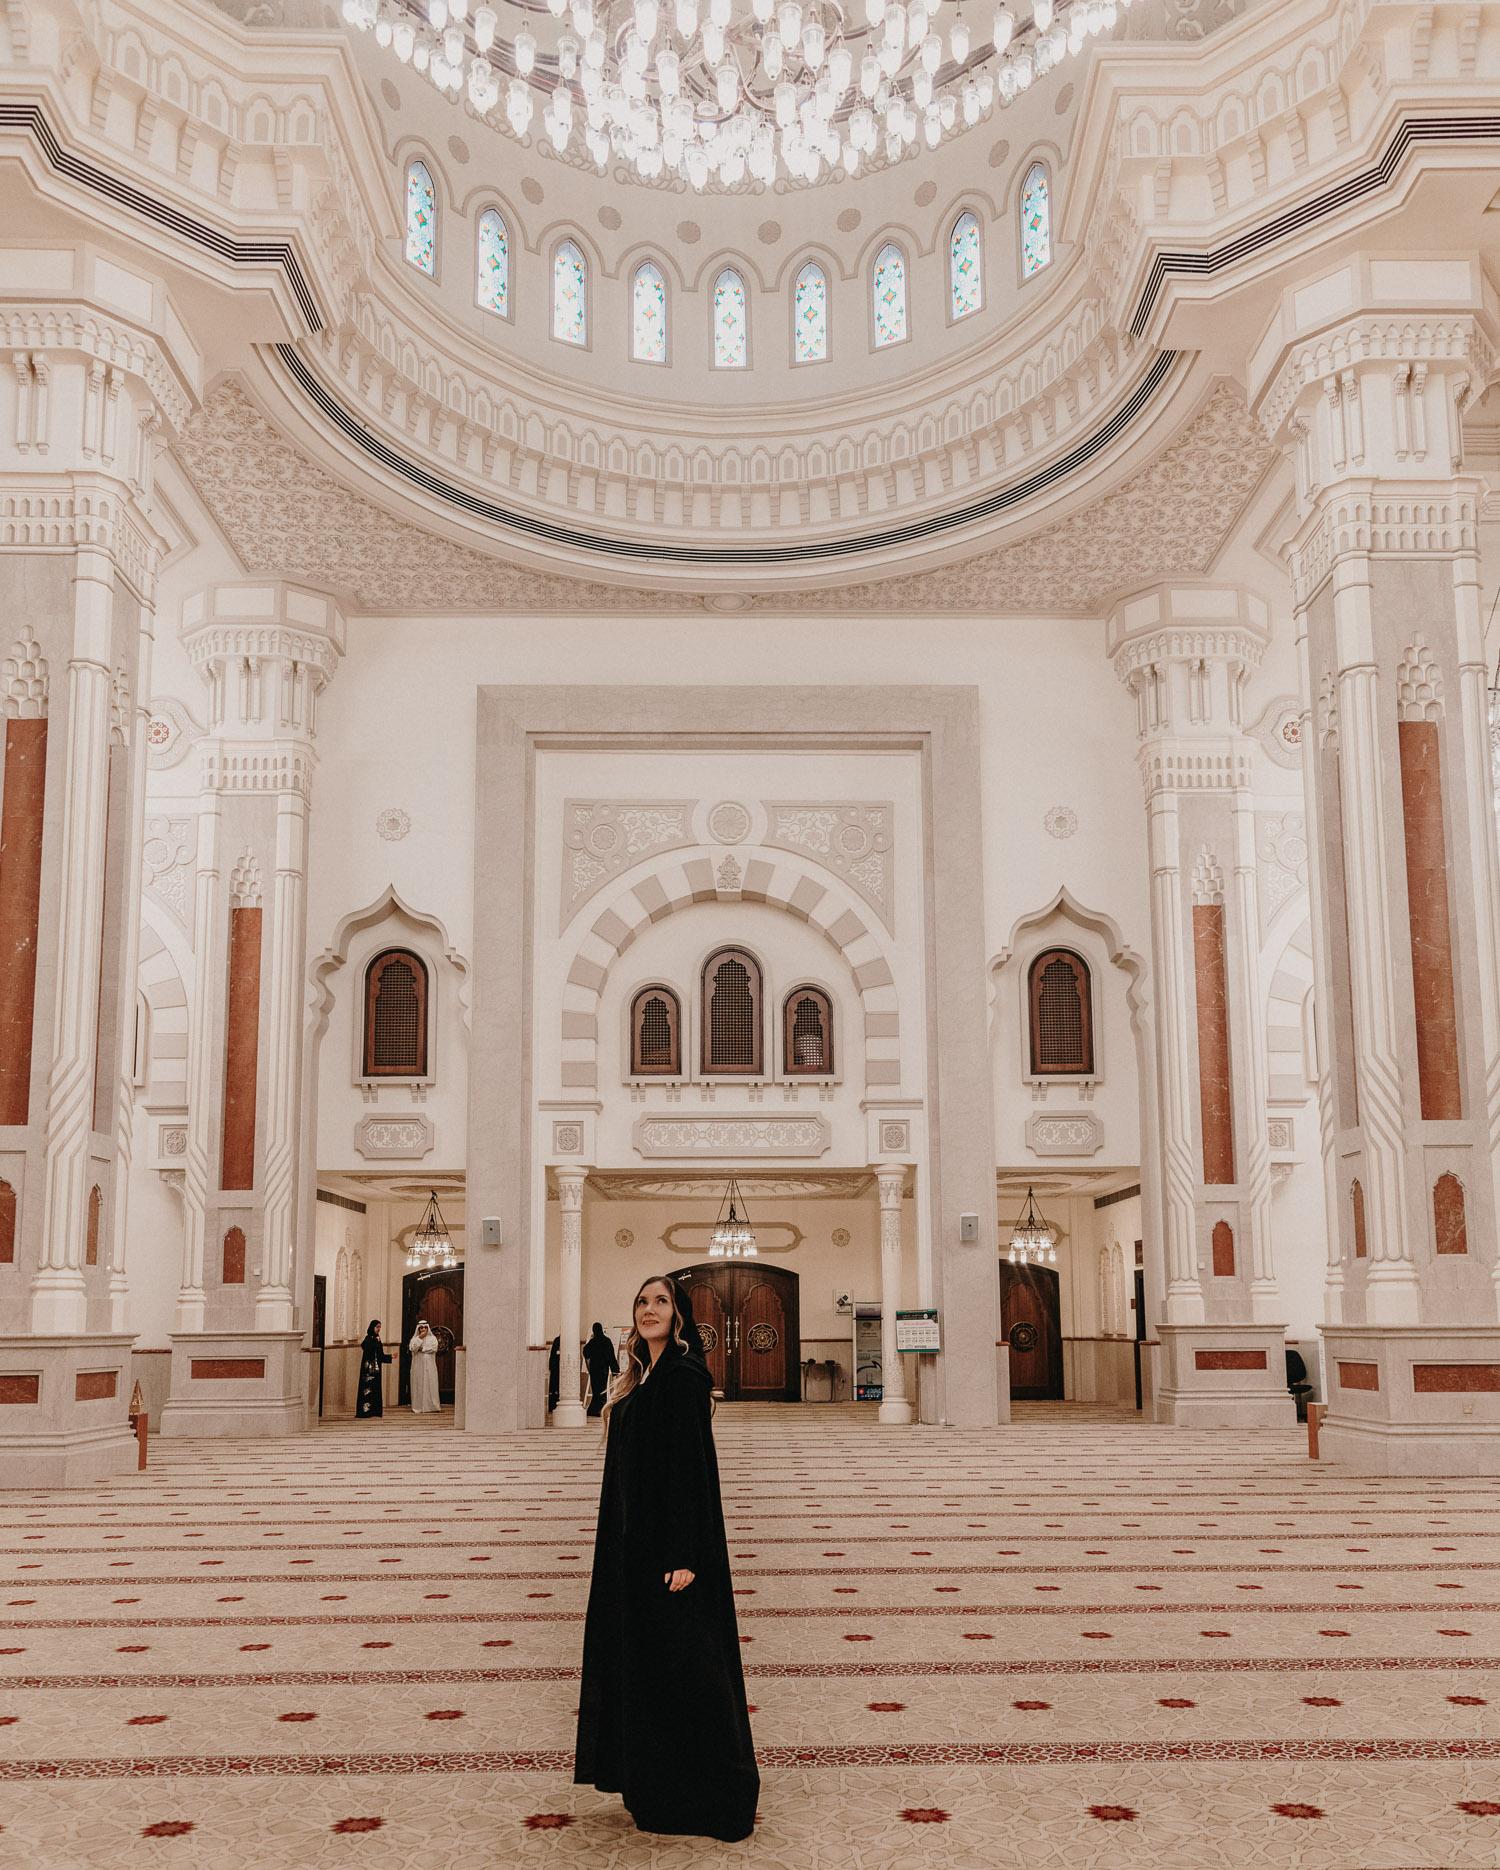 Al Noor Mosque Interior, Sharjah, UAE